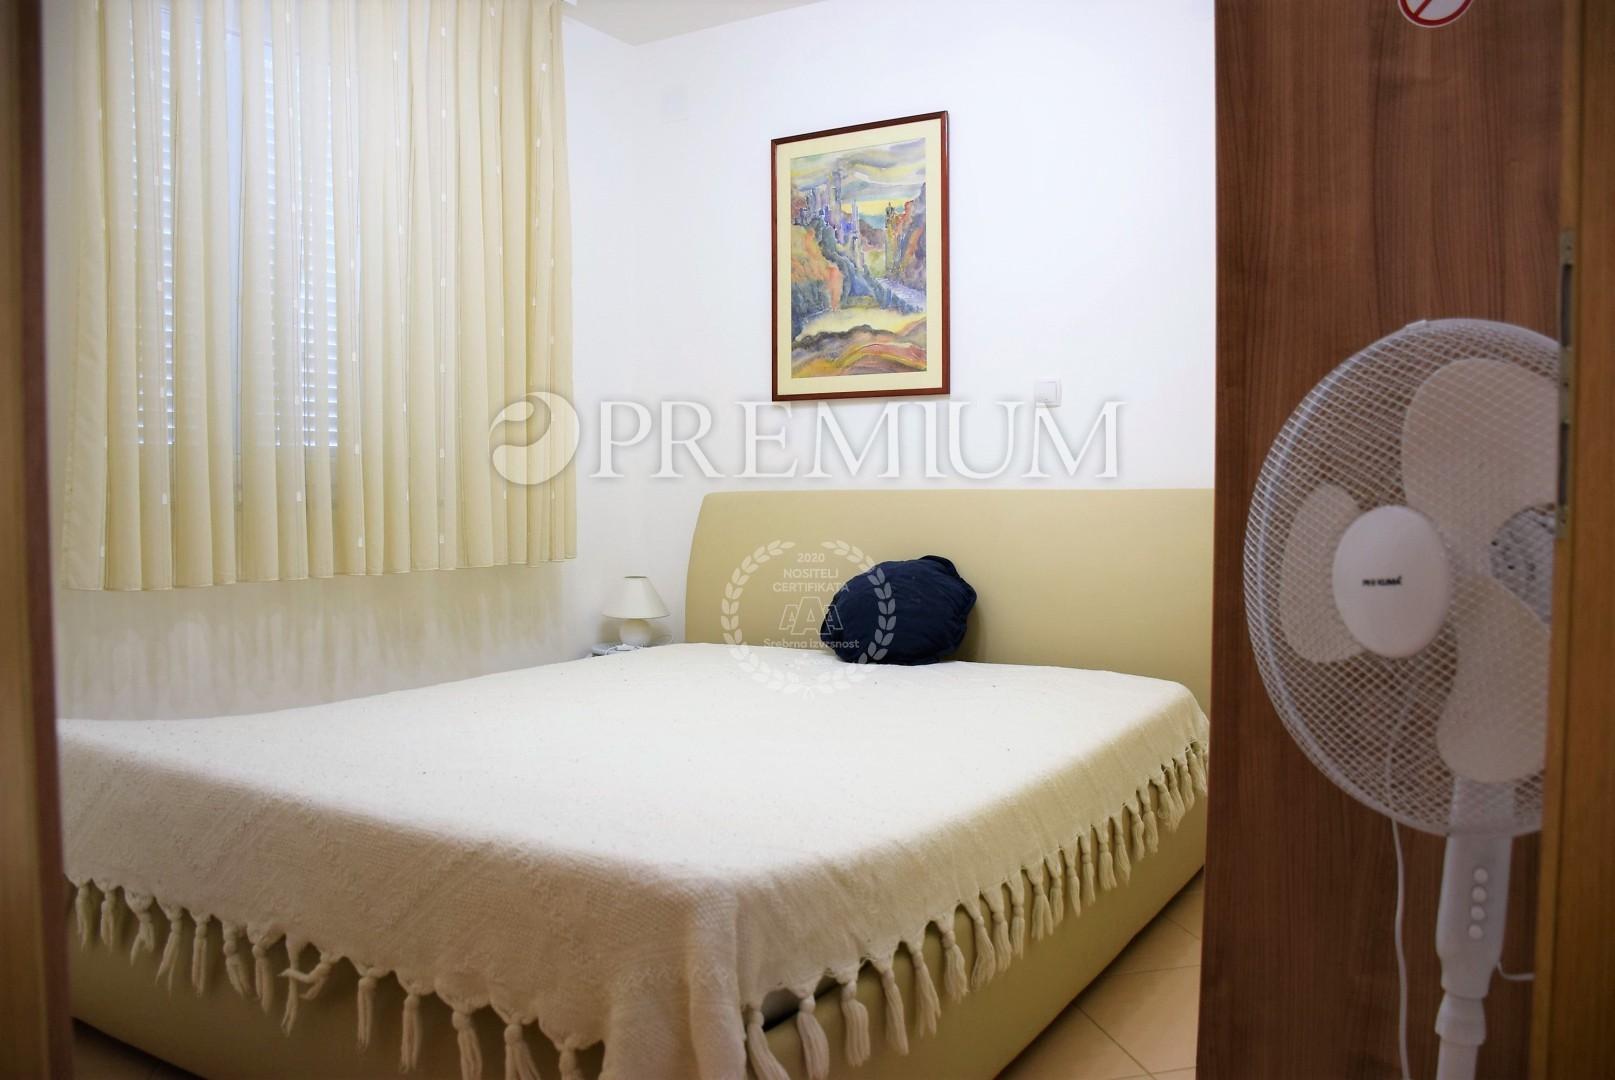 Die Wohnung Ist Möbliert Und Eingerichtet, Hat Keramikböden, Zugang Zum  Kamin, PVC Tischlerei. Die Wohnung Ist Nur 400 M Vom Strand Entfernt.  Sofort .